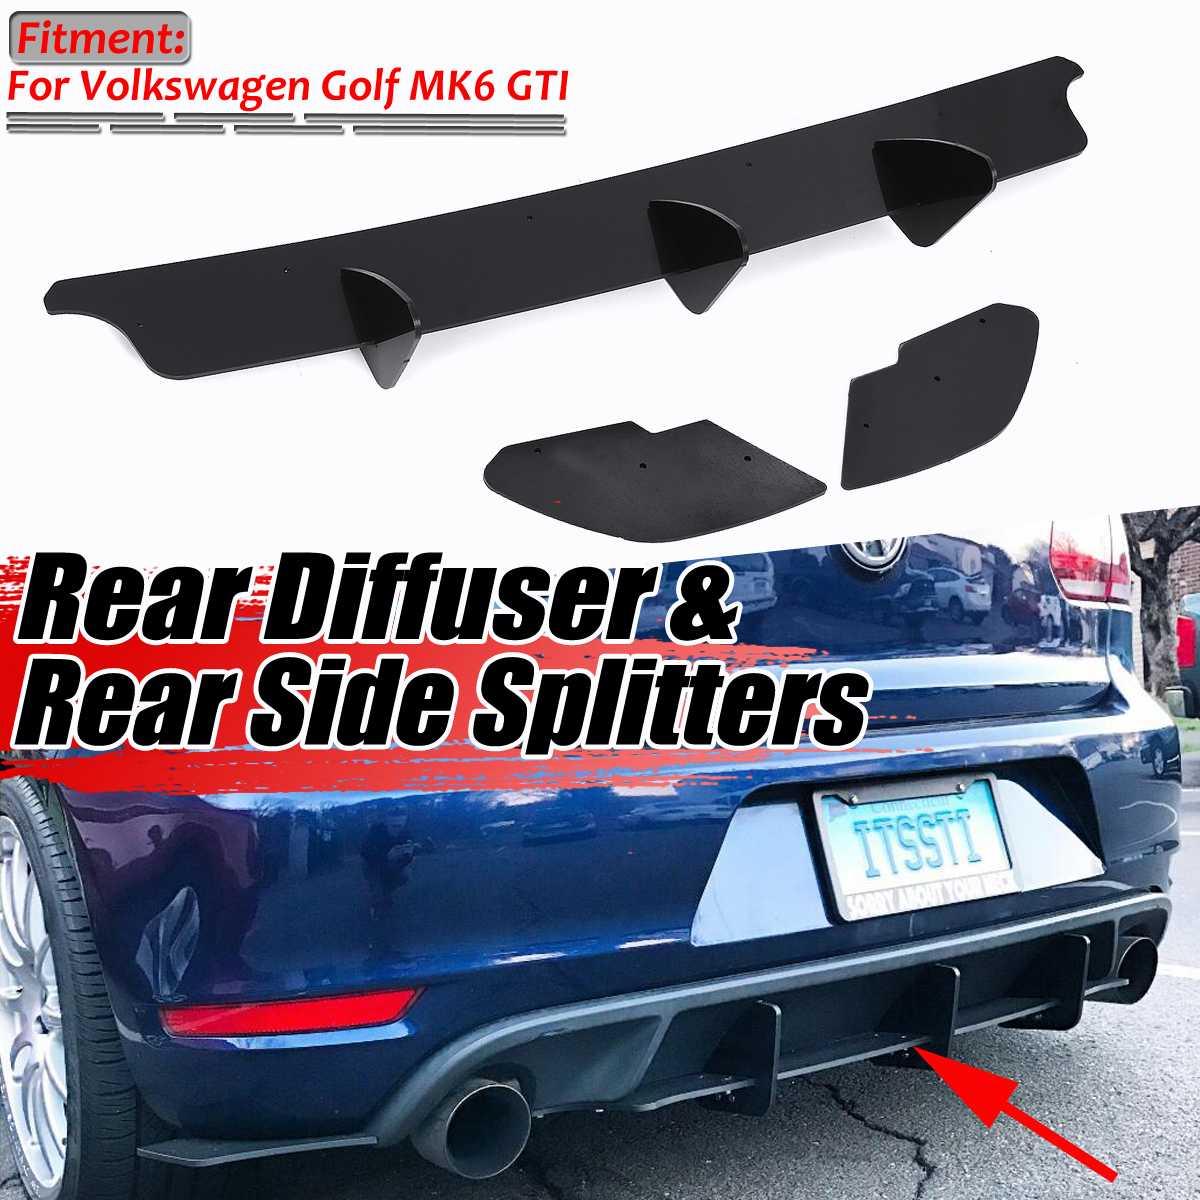 Para el difusor de parachoques trasero del coche GTI y los divisores laterales traseros alerón protector para VW para Volkswagen para Golf MK6 GTI/MK7 GTI/MK7.5 GTI